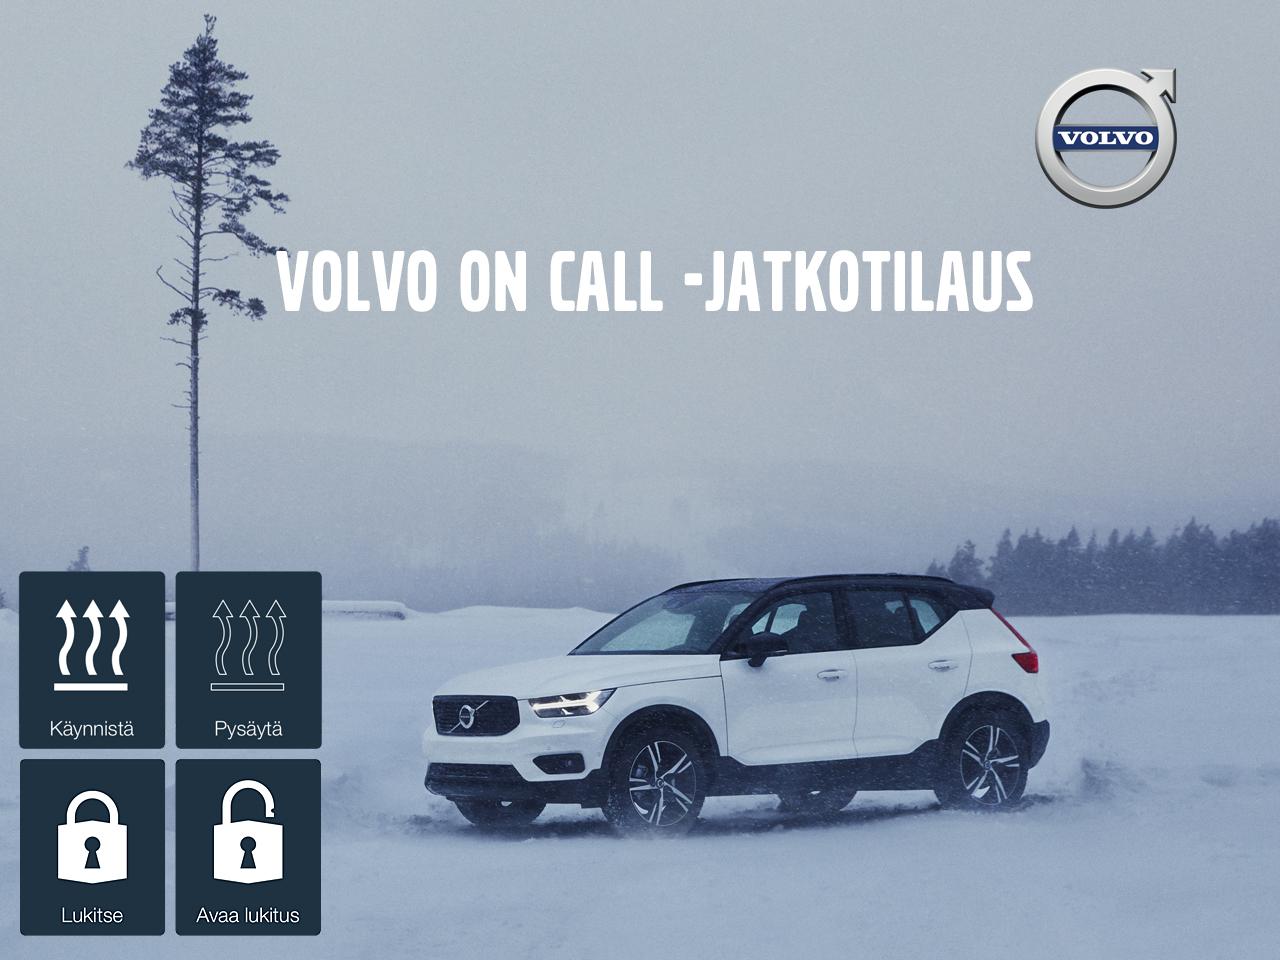 Volvo On Call -jatkotilaus